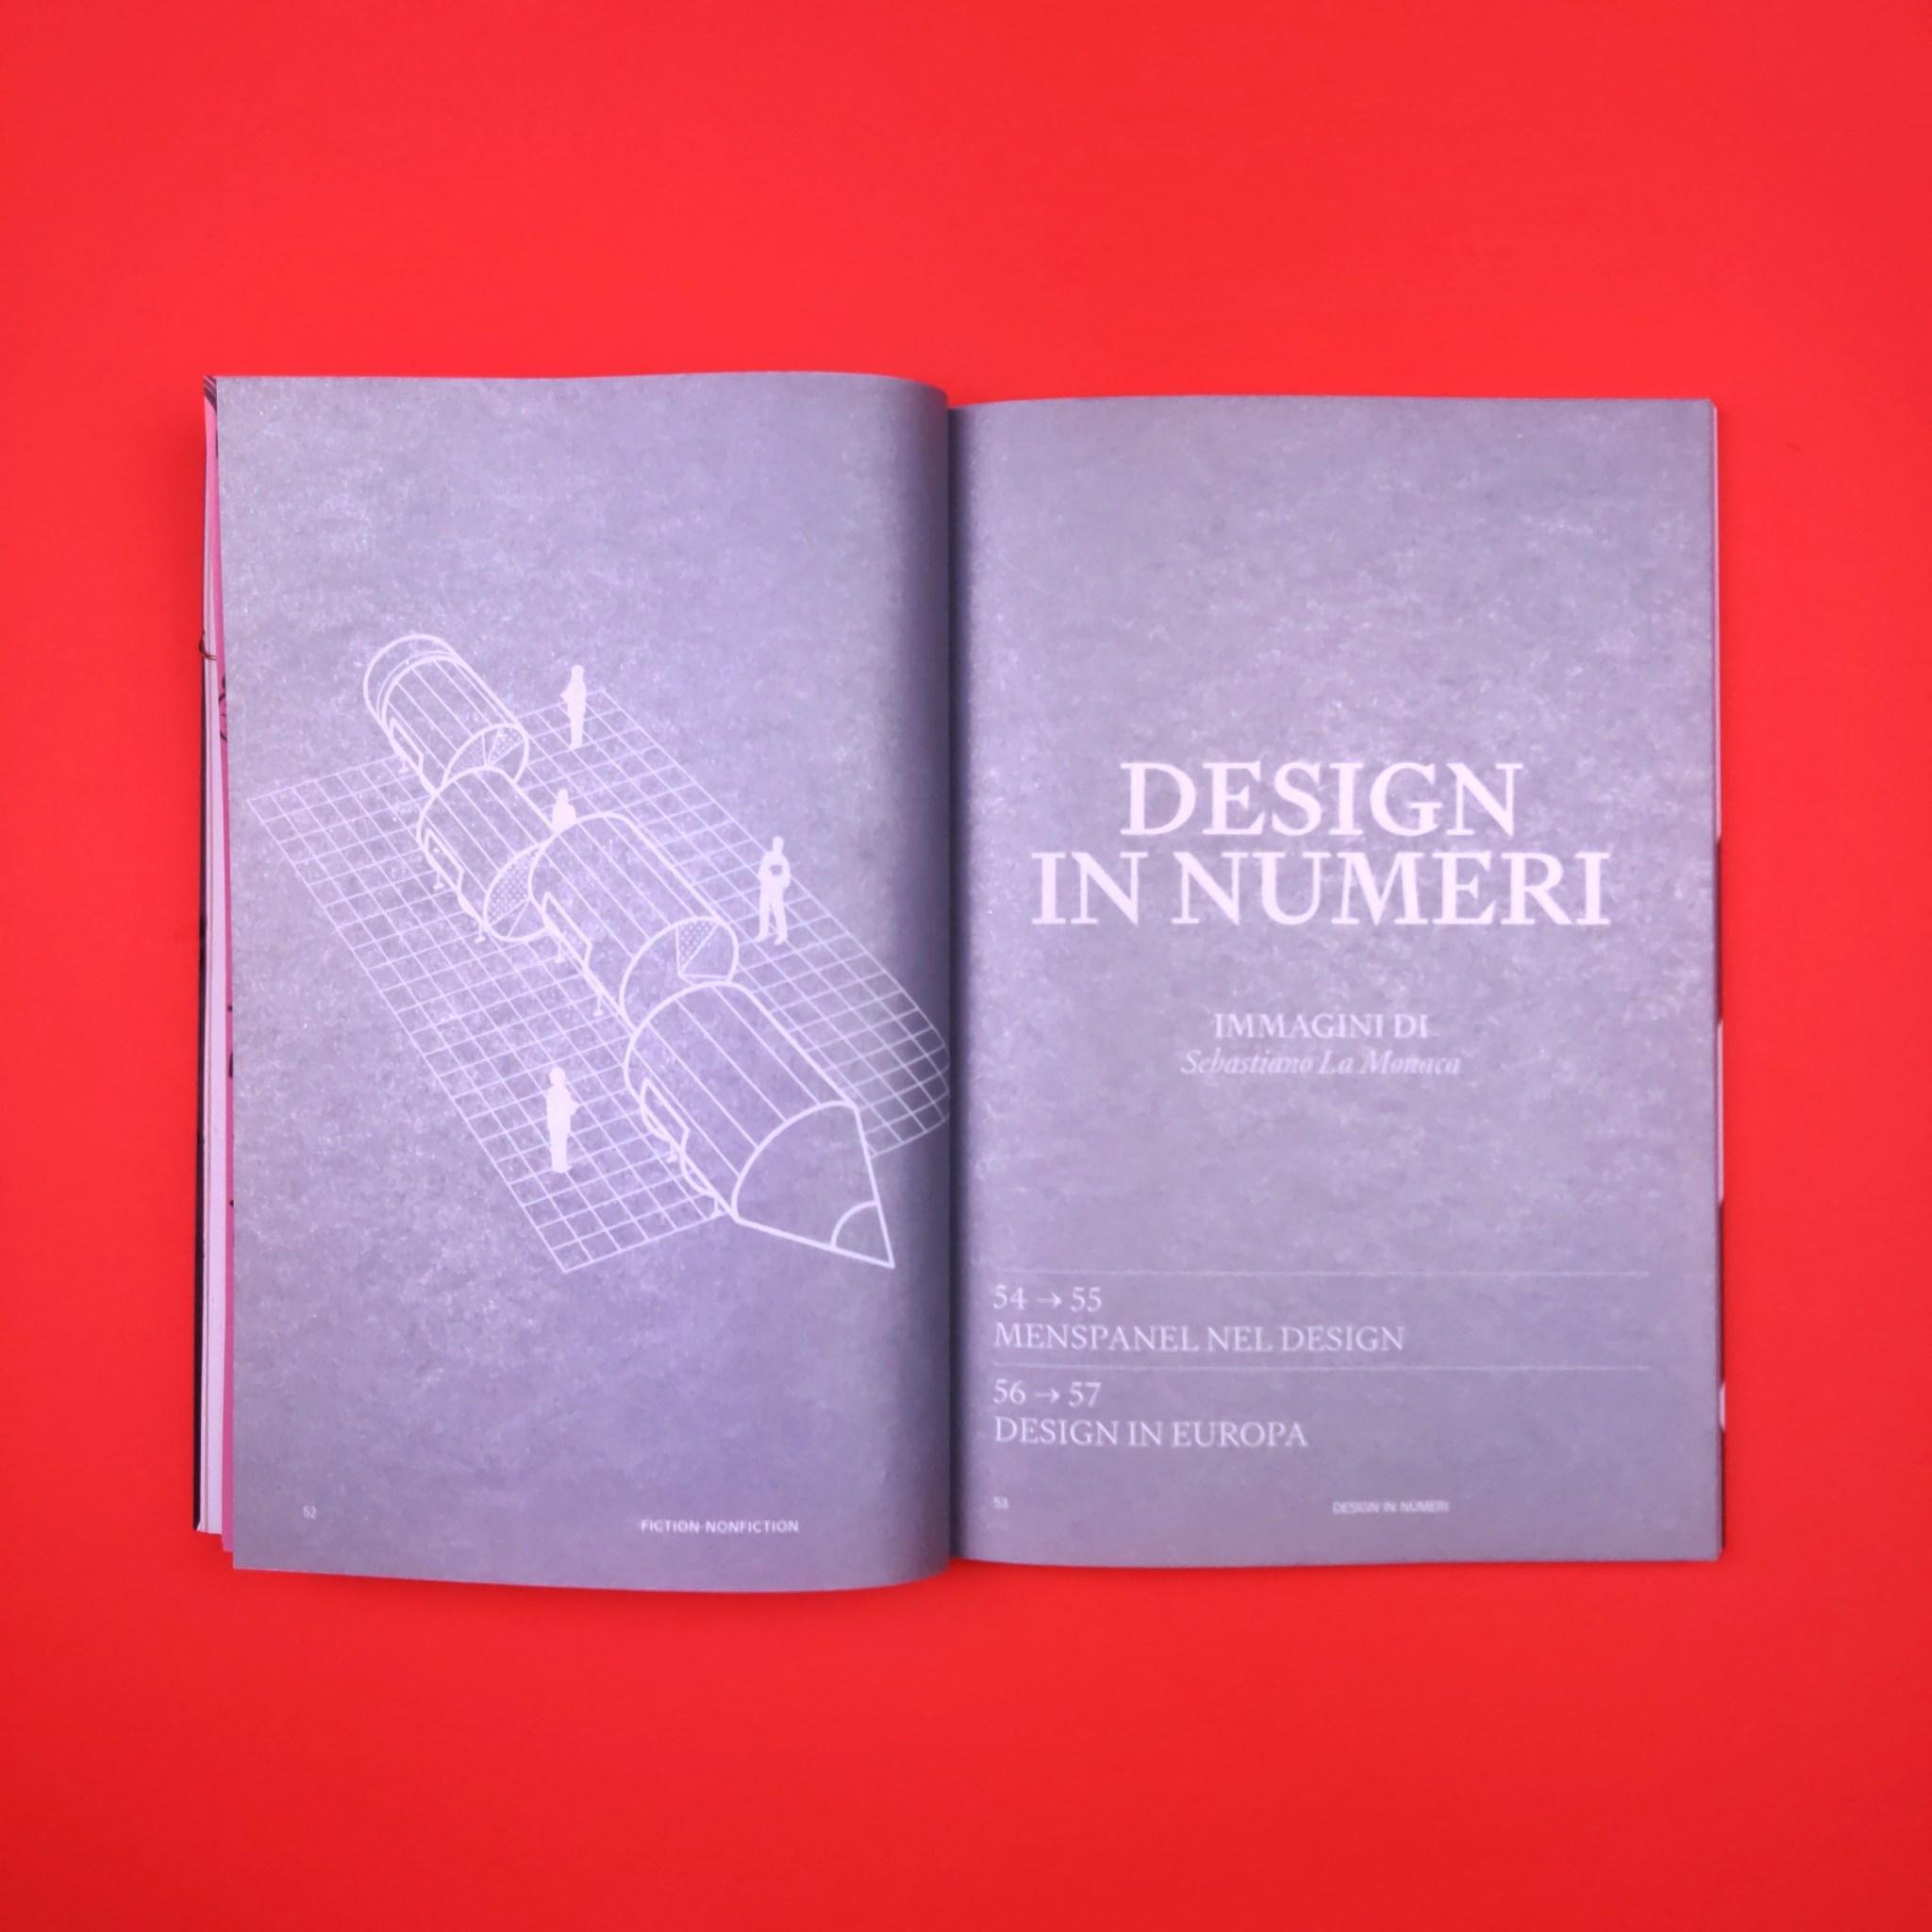 Design in numeri (infografiche)